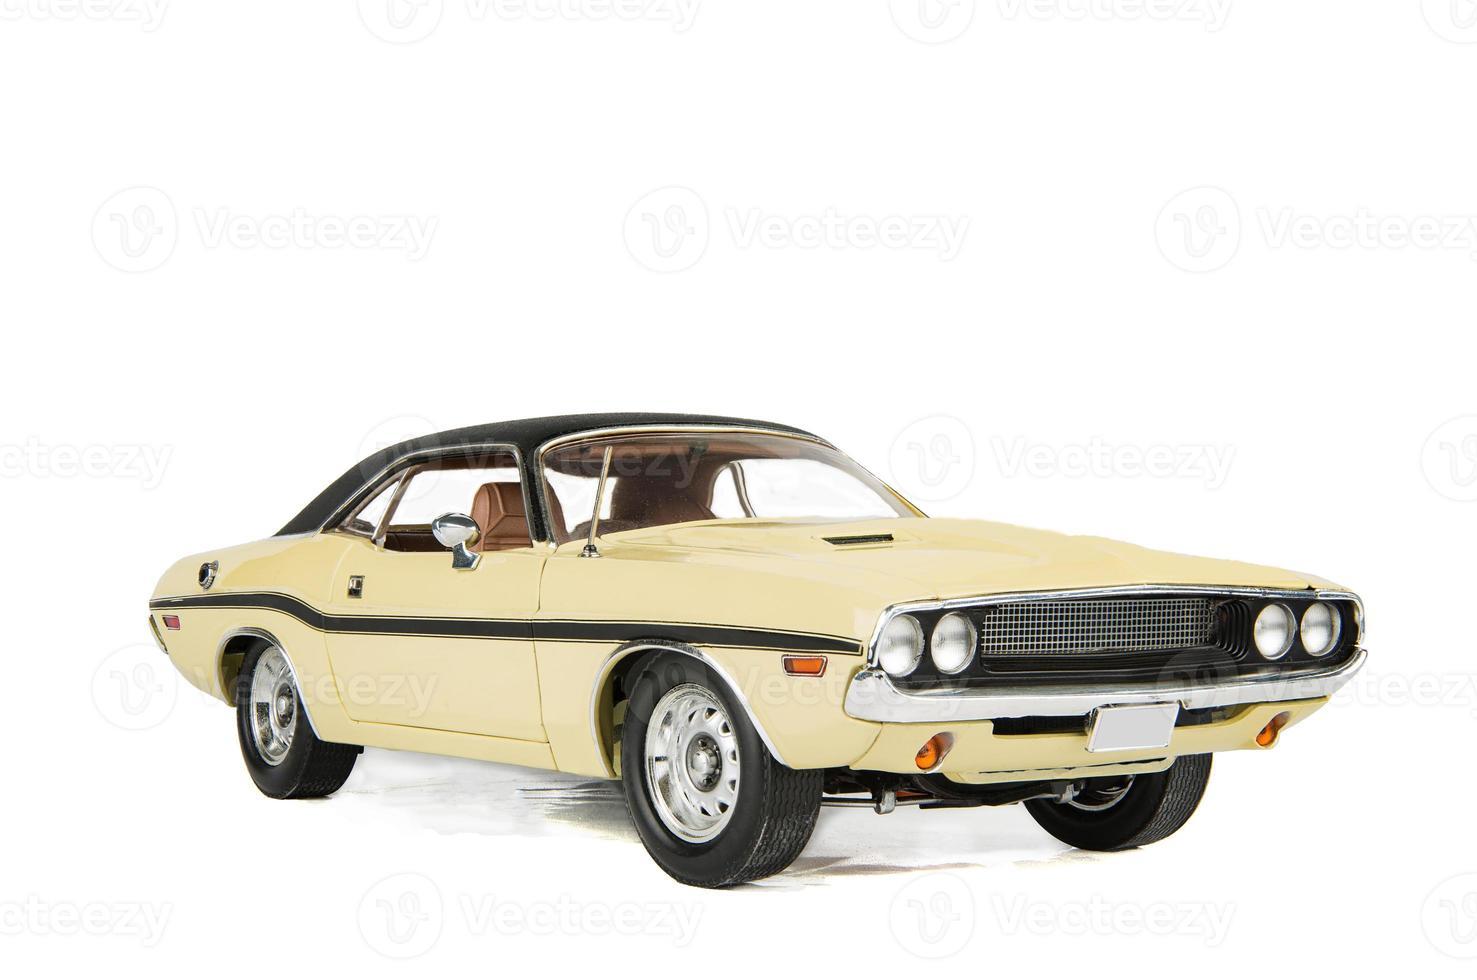 auto d'epoca 1970 foto